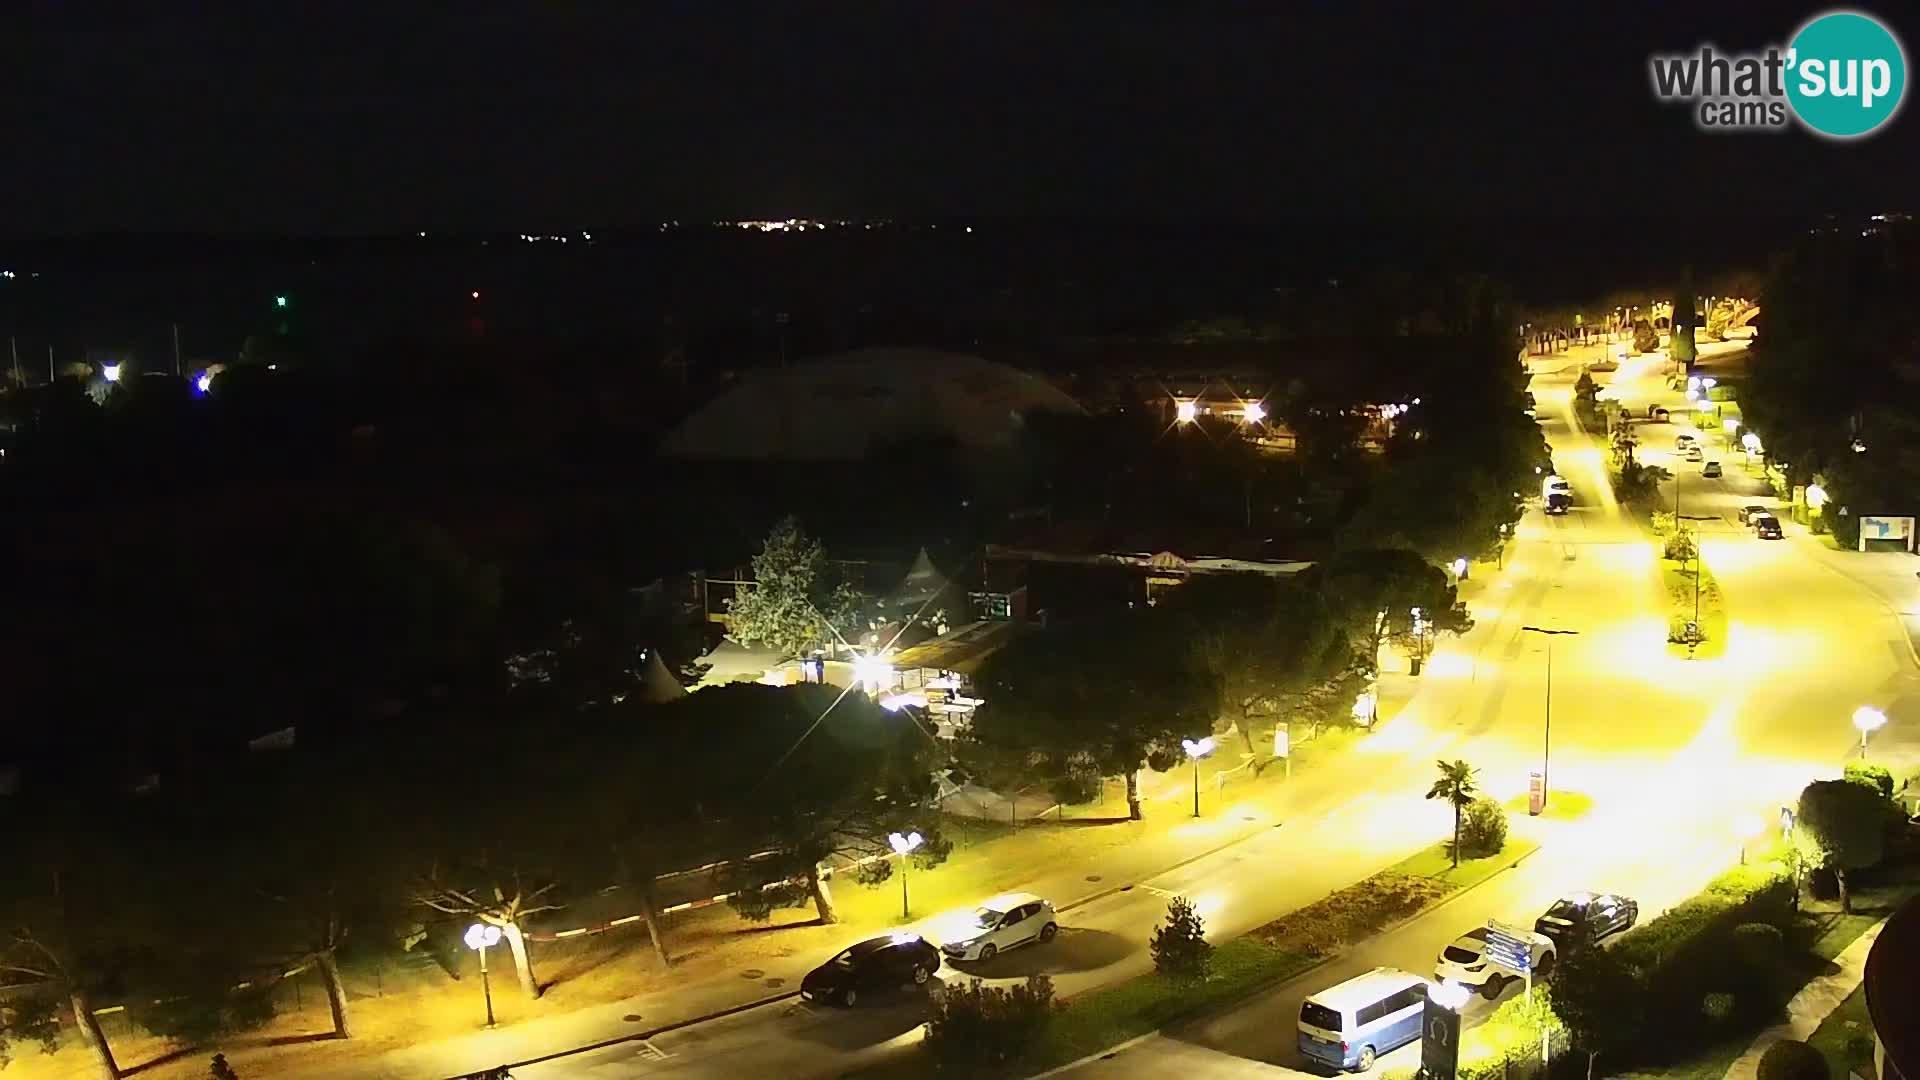 Portorož Webcam – Blick auf den Yachthafen und die Tennisplätze